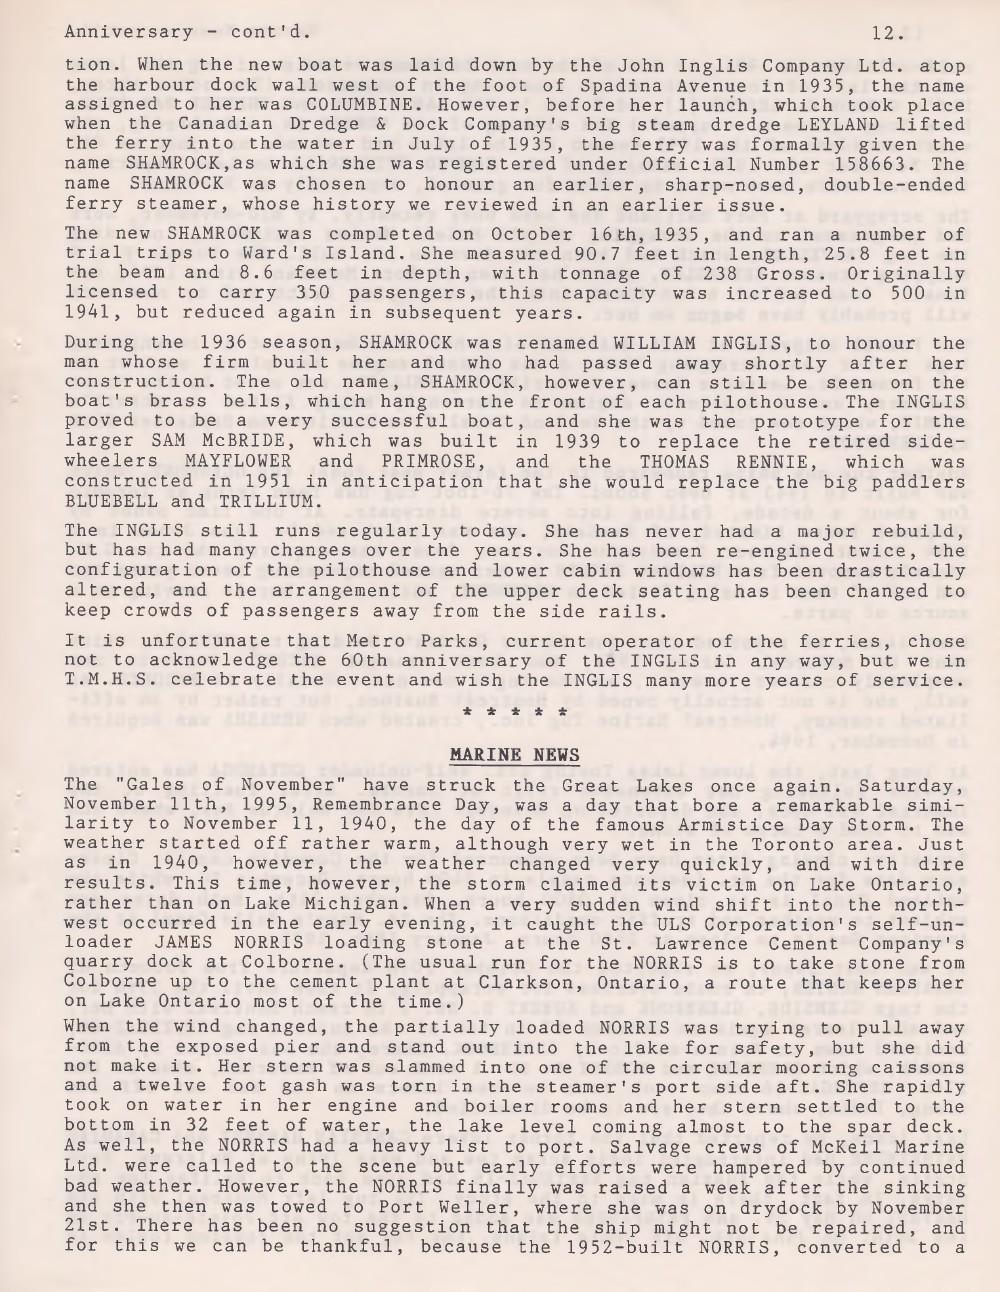 Scanner, v. 28, no. 3 (December 1995)